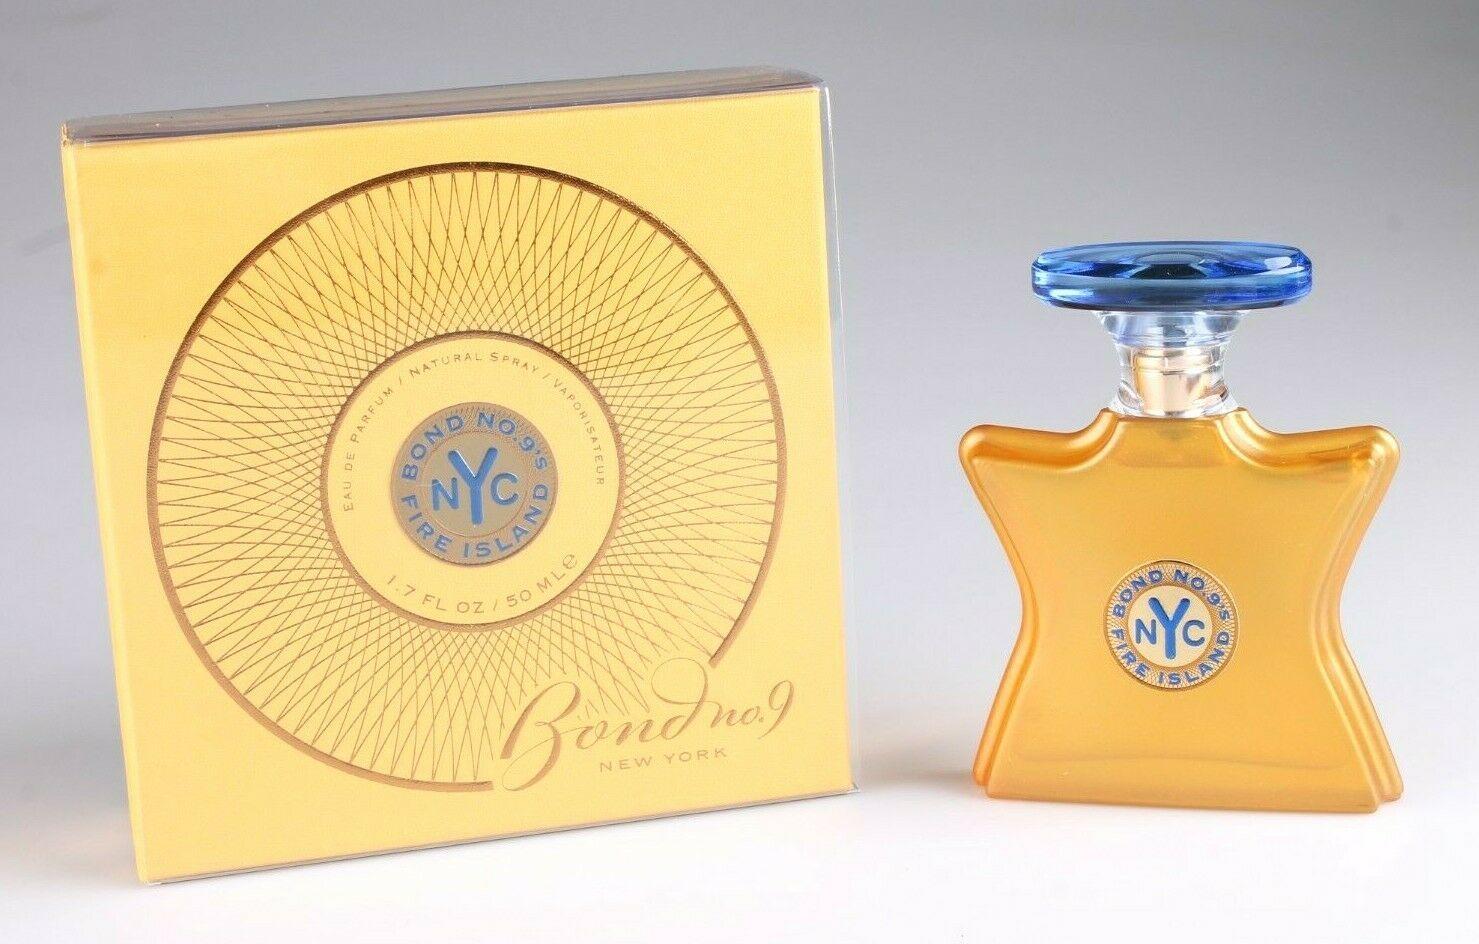 Bond No. 9 Fire Island New York 1.7 FL oz/50 ml Eau De Parfum EDP Spray New!